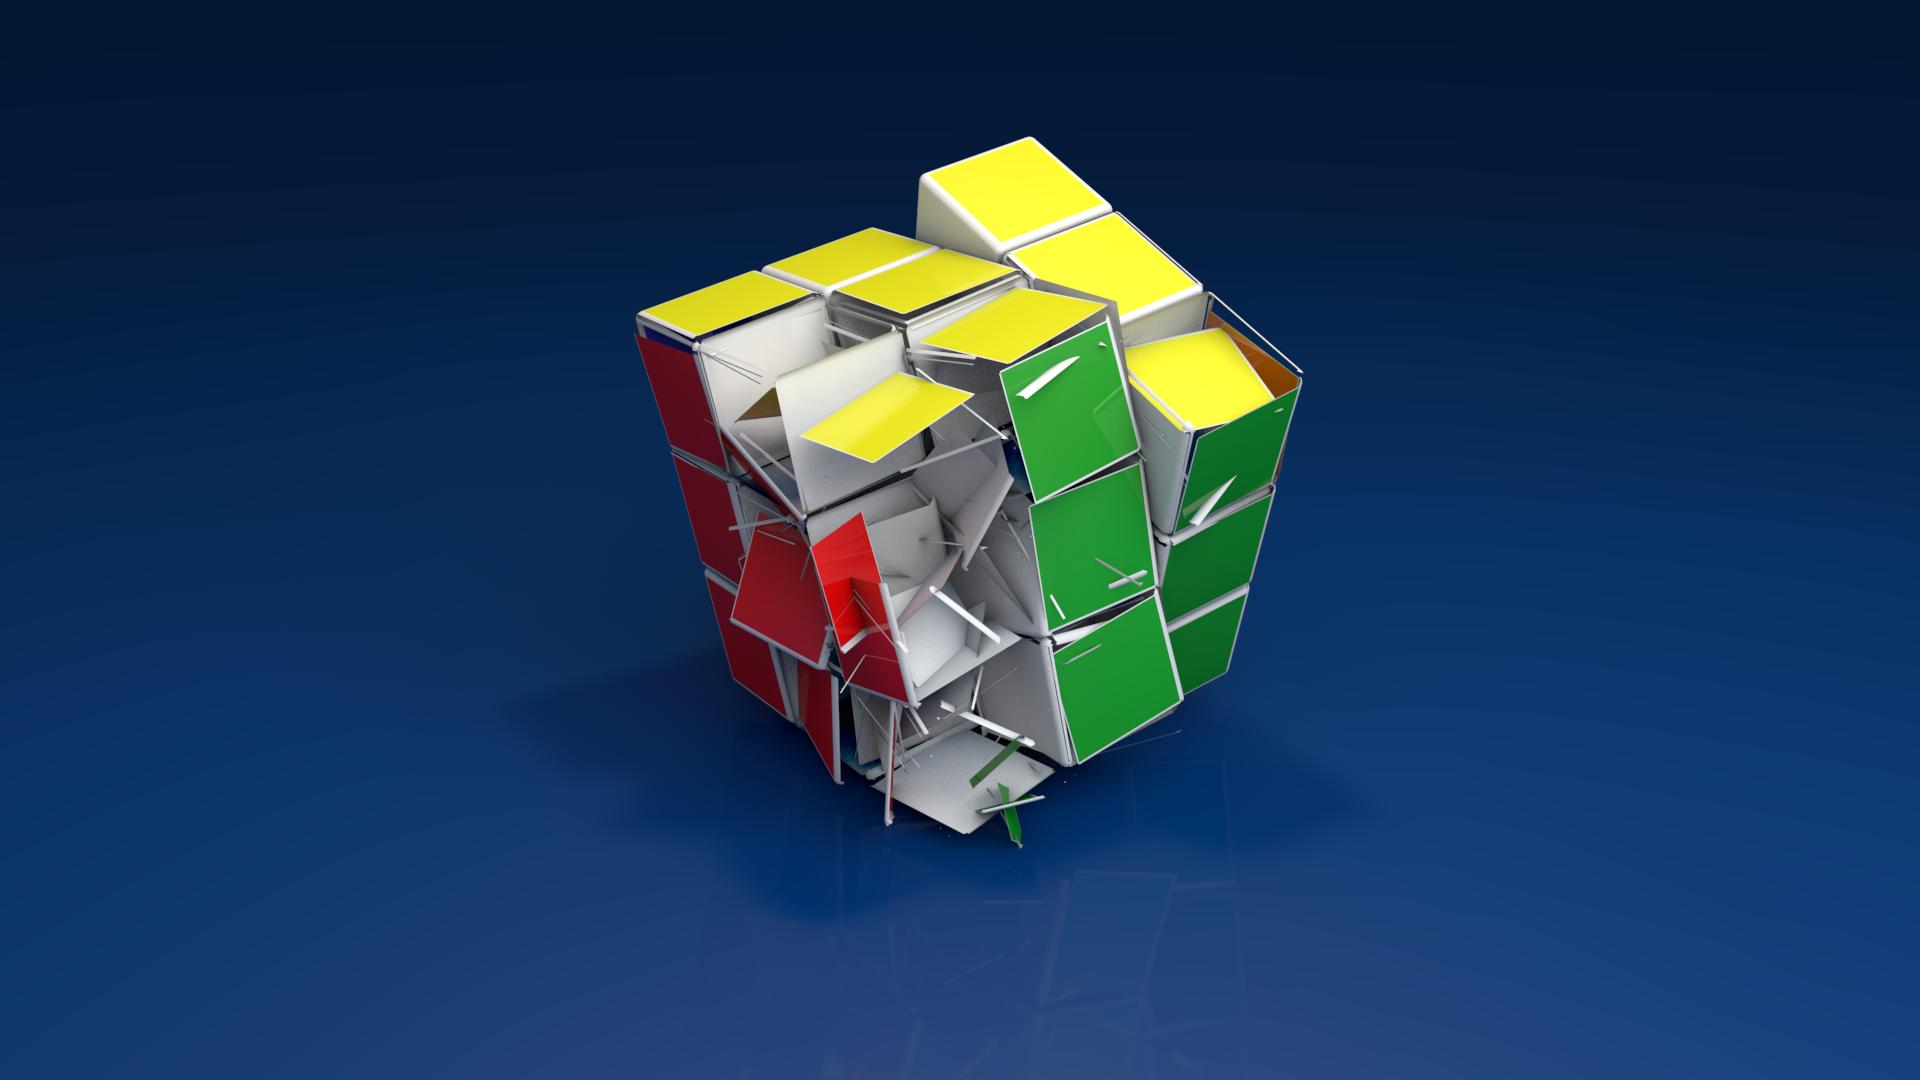 Destruction of a Rubiks cube wallpaper[1920x1080] fc03deviantart 1920x1080